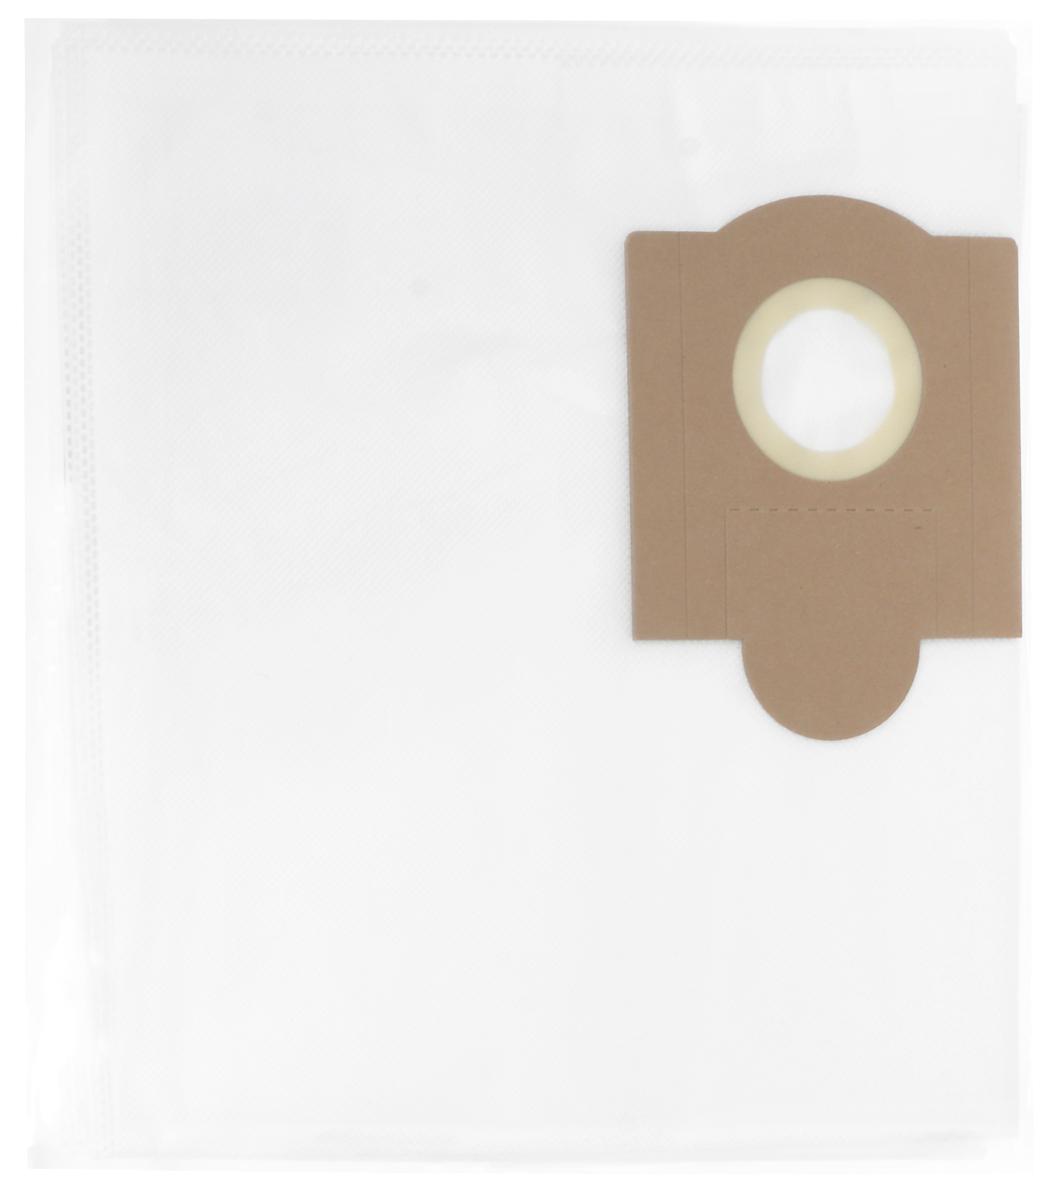 Filtero KRS 30 Pro комплект пылесборников для промышленных пылесосов, 5 шт мешки для промышленных пылесосов filtero bsh 20 5 pro